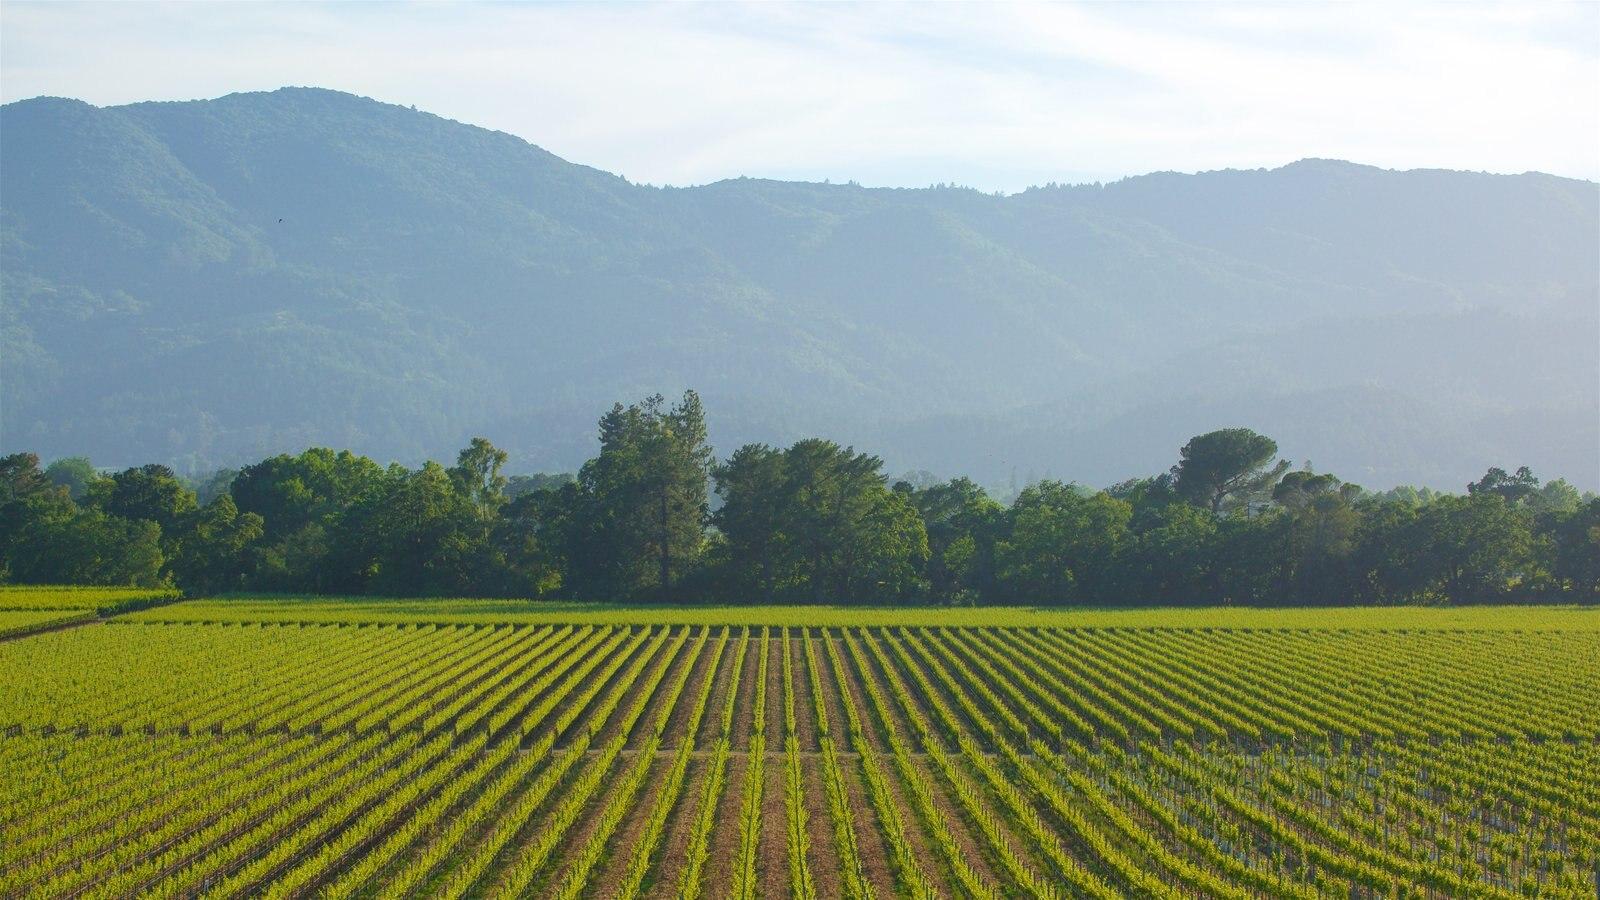 Napa Valley ofreciendo tierras de cultivo, escenas tranquilas y vistas de paisajes